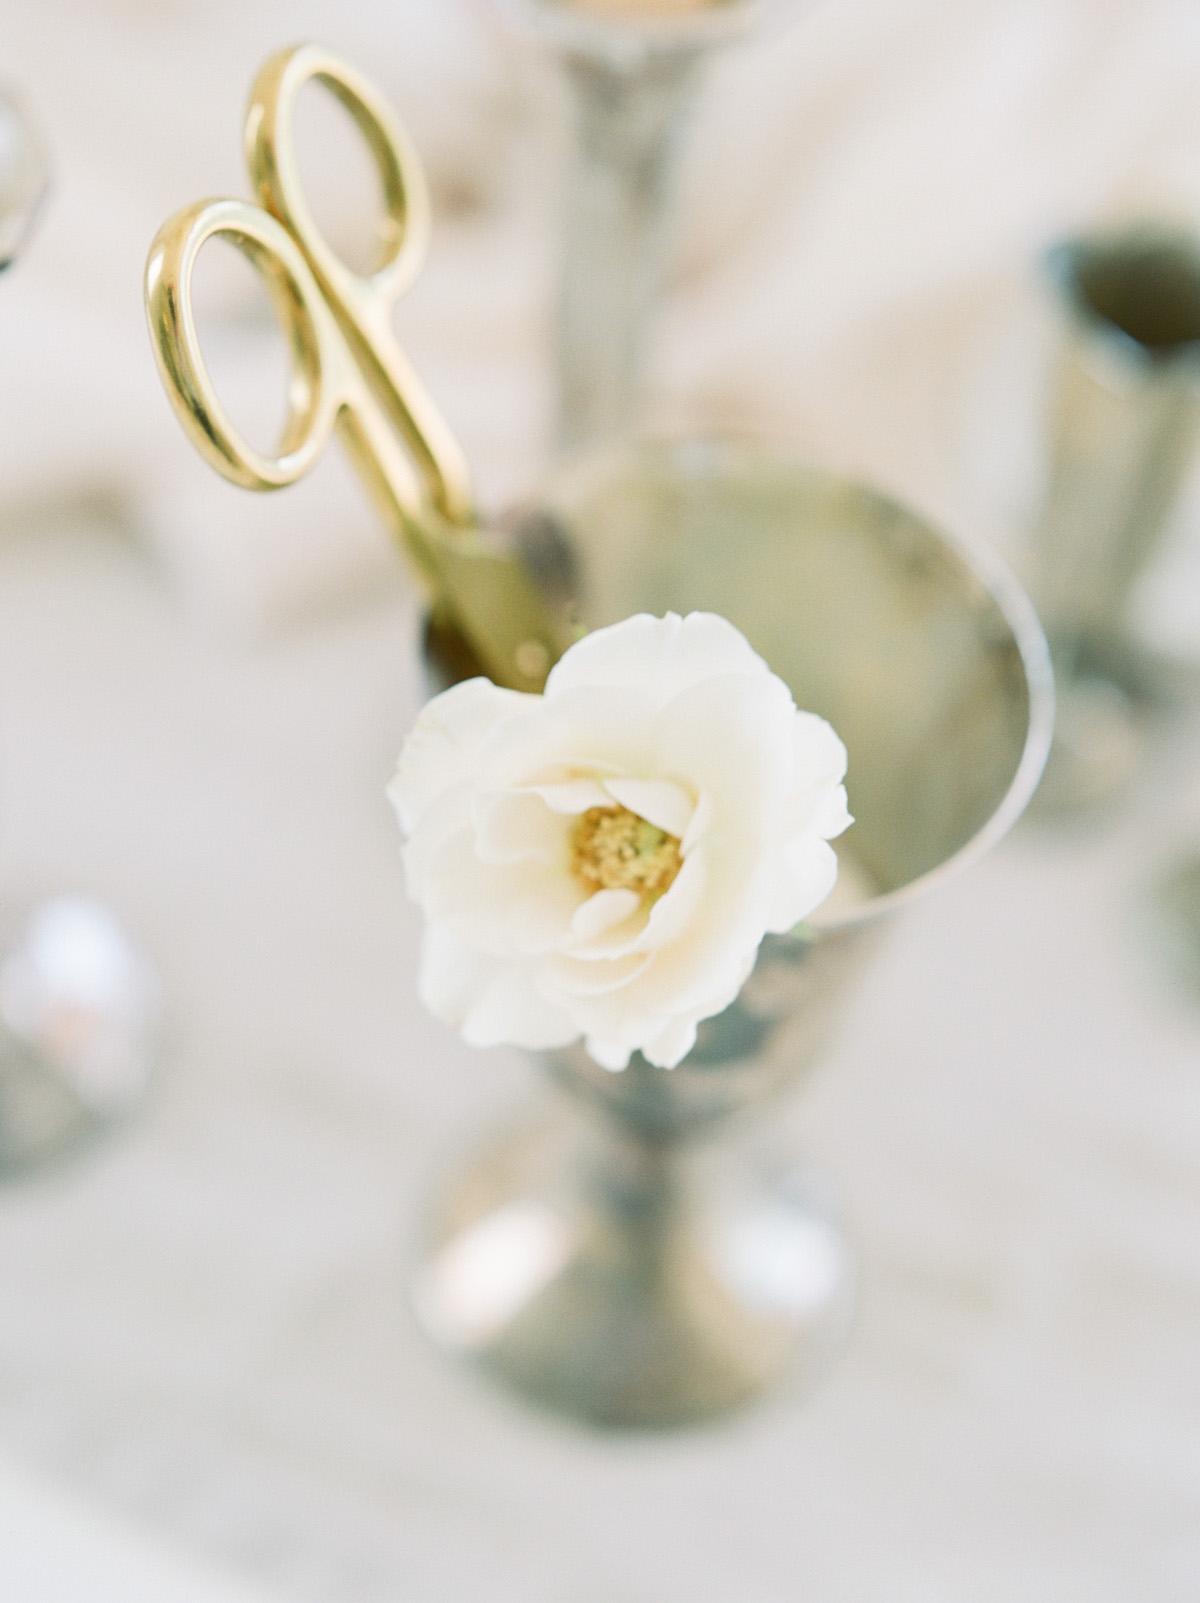 olea-and-fig-blooming-wed-brand-shoot-20.jpg